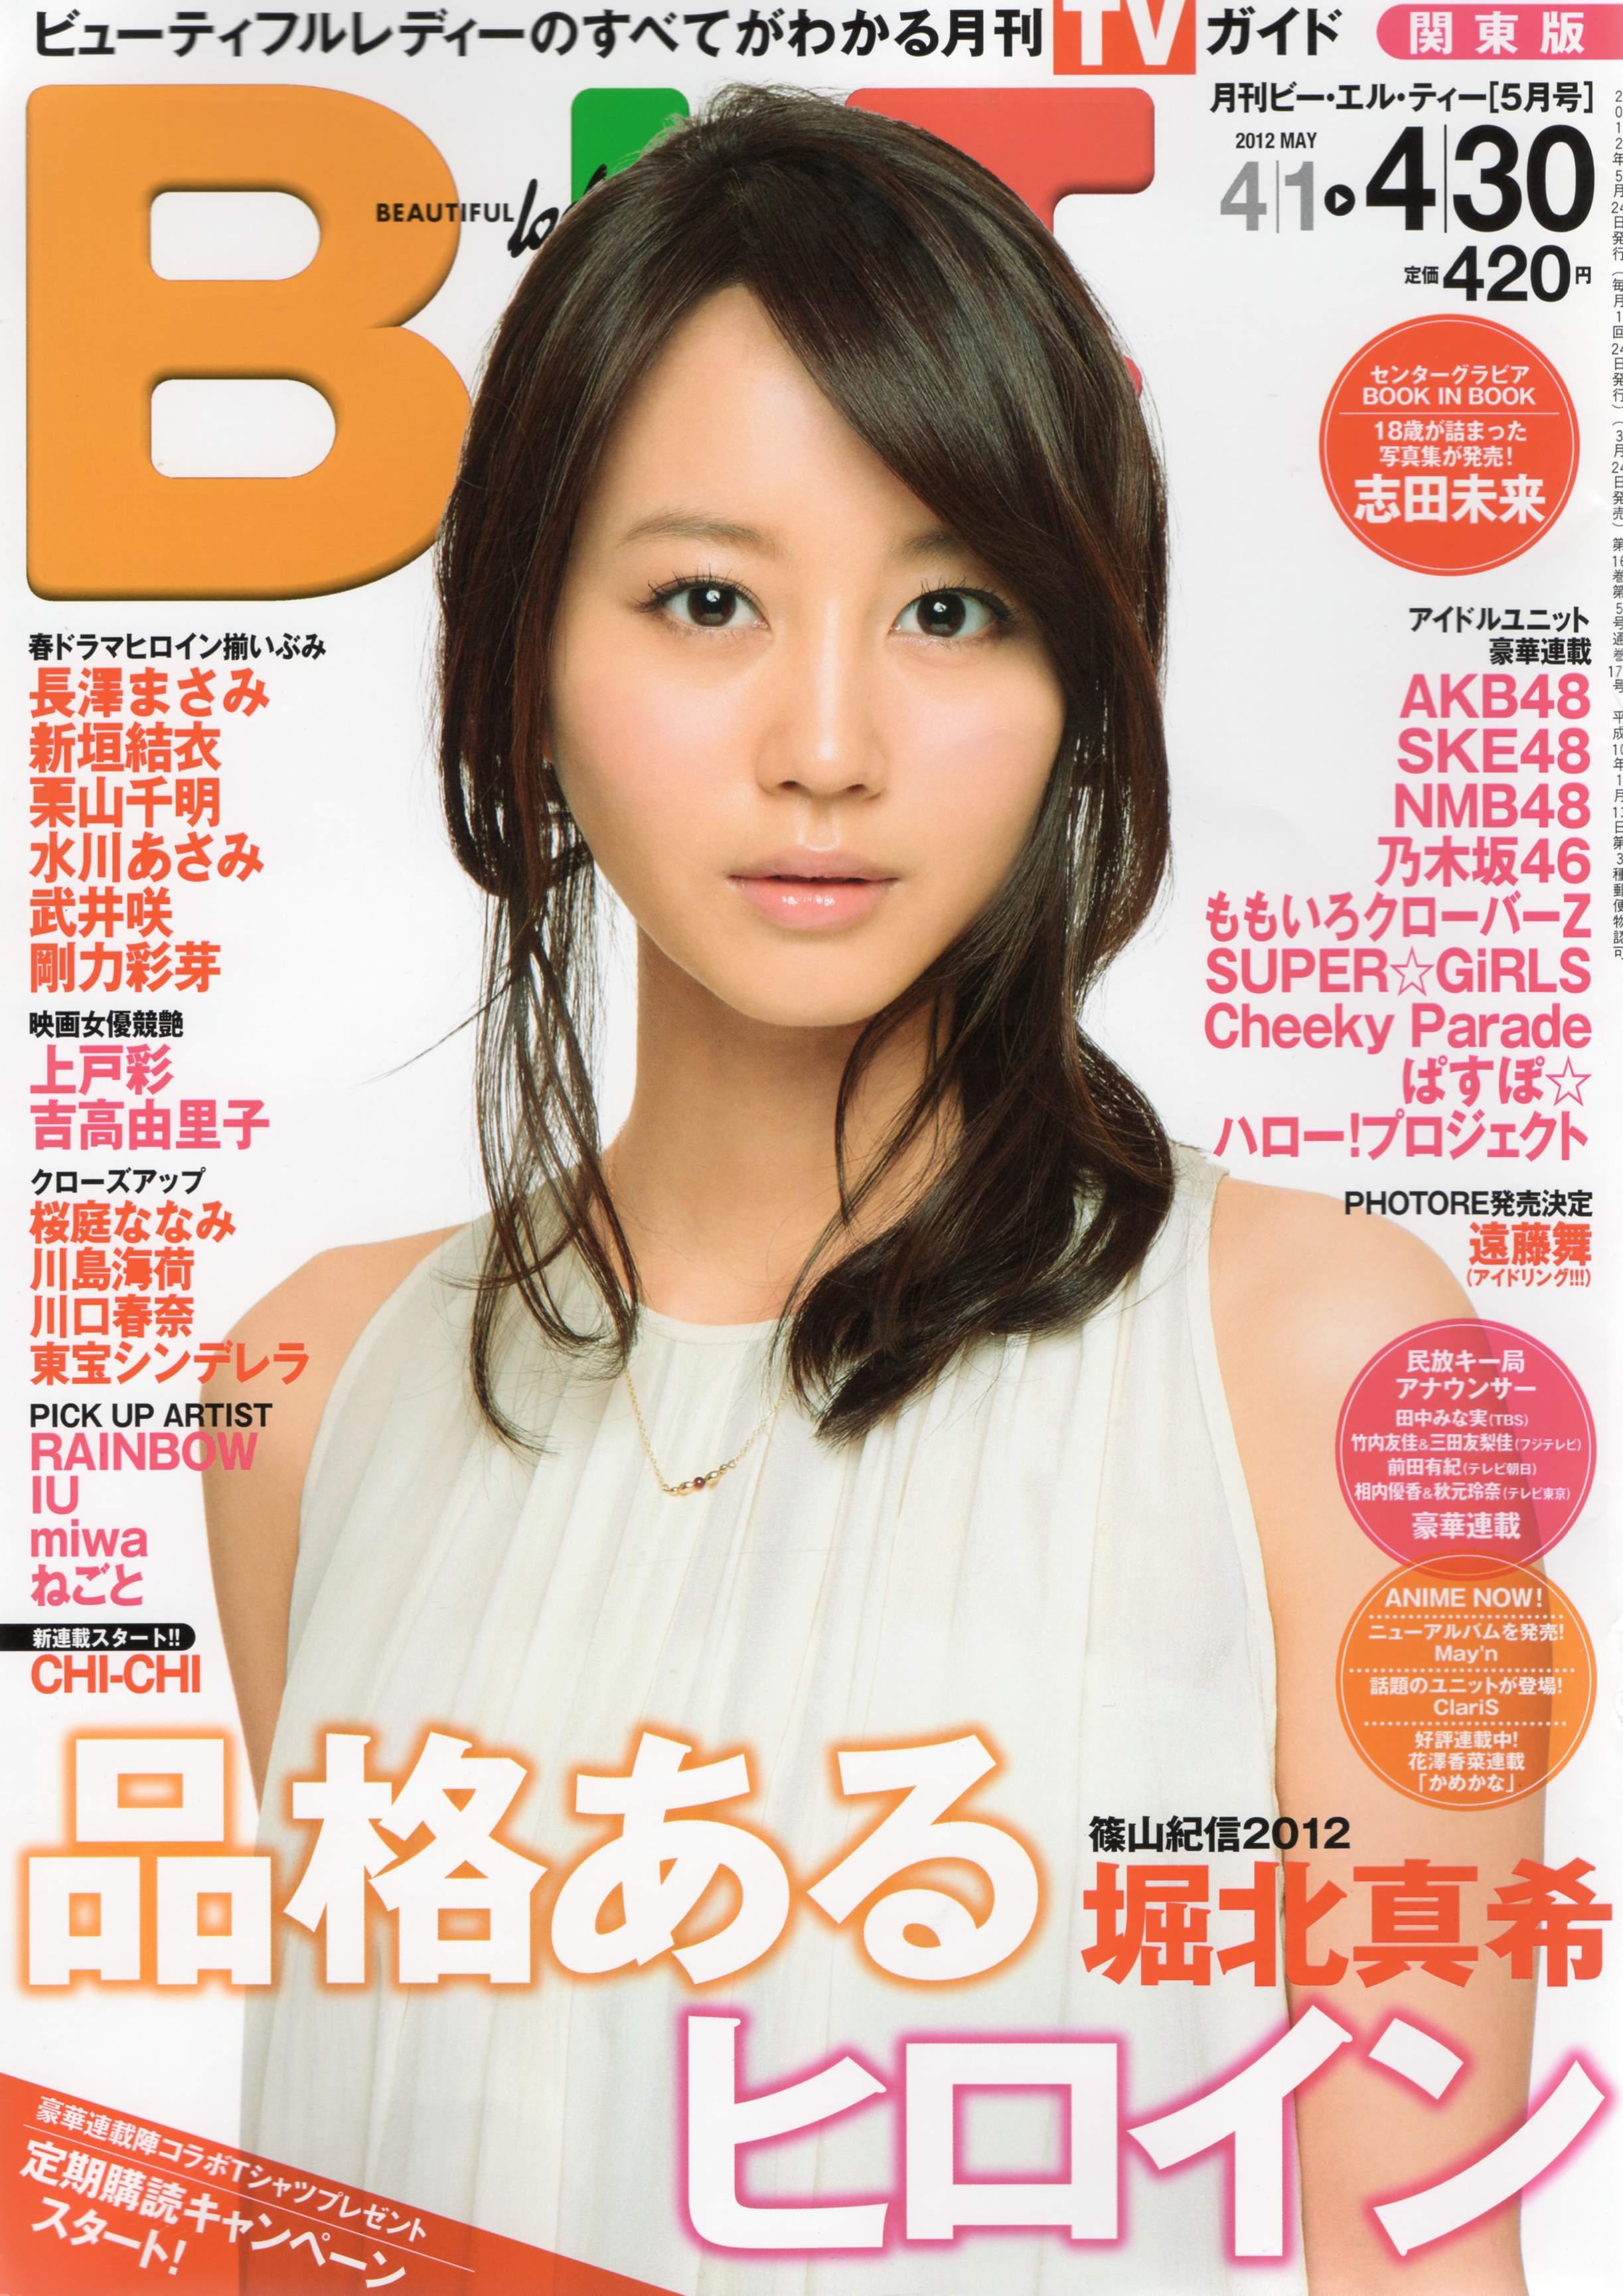 [B.L.T.] 2012.05 Maki Horikita 堀北真希 [111P88MB]